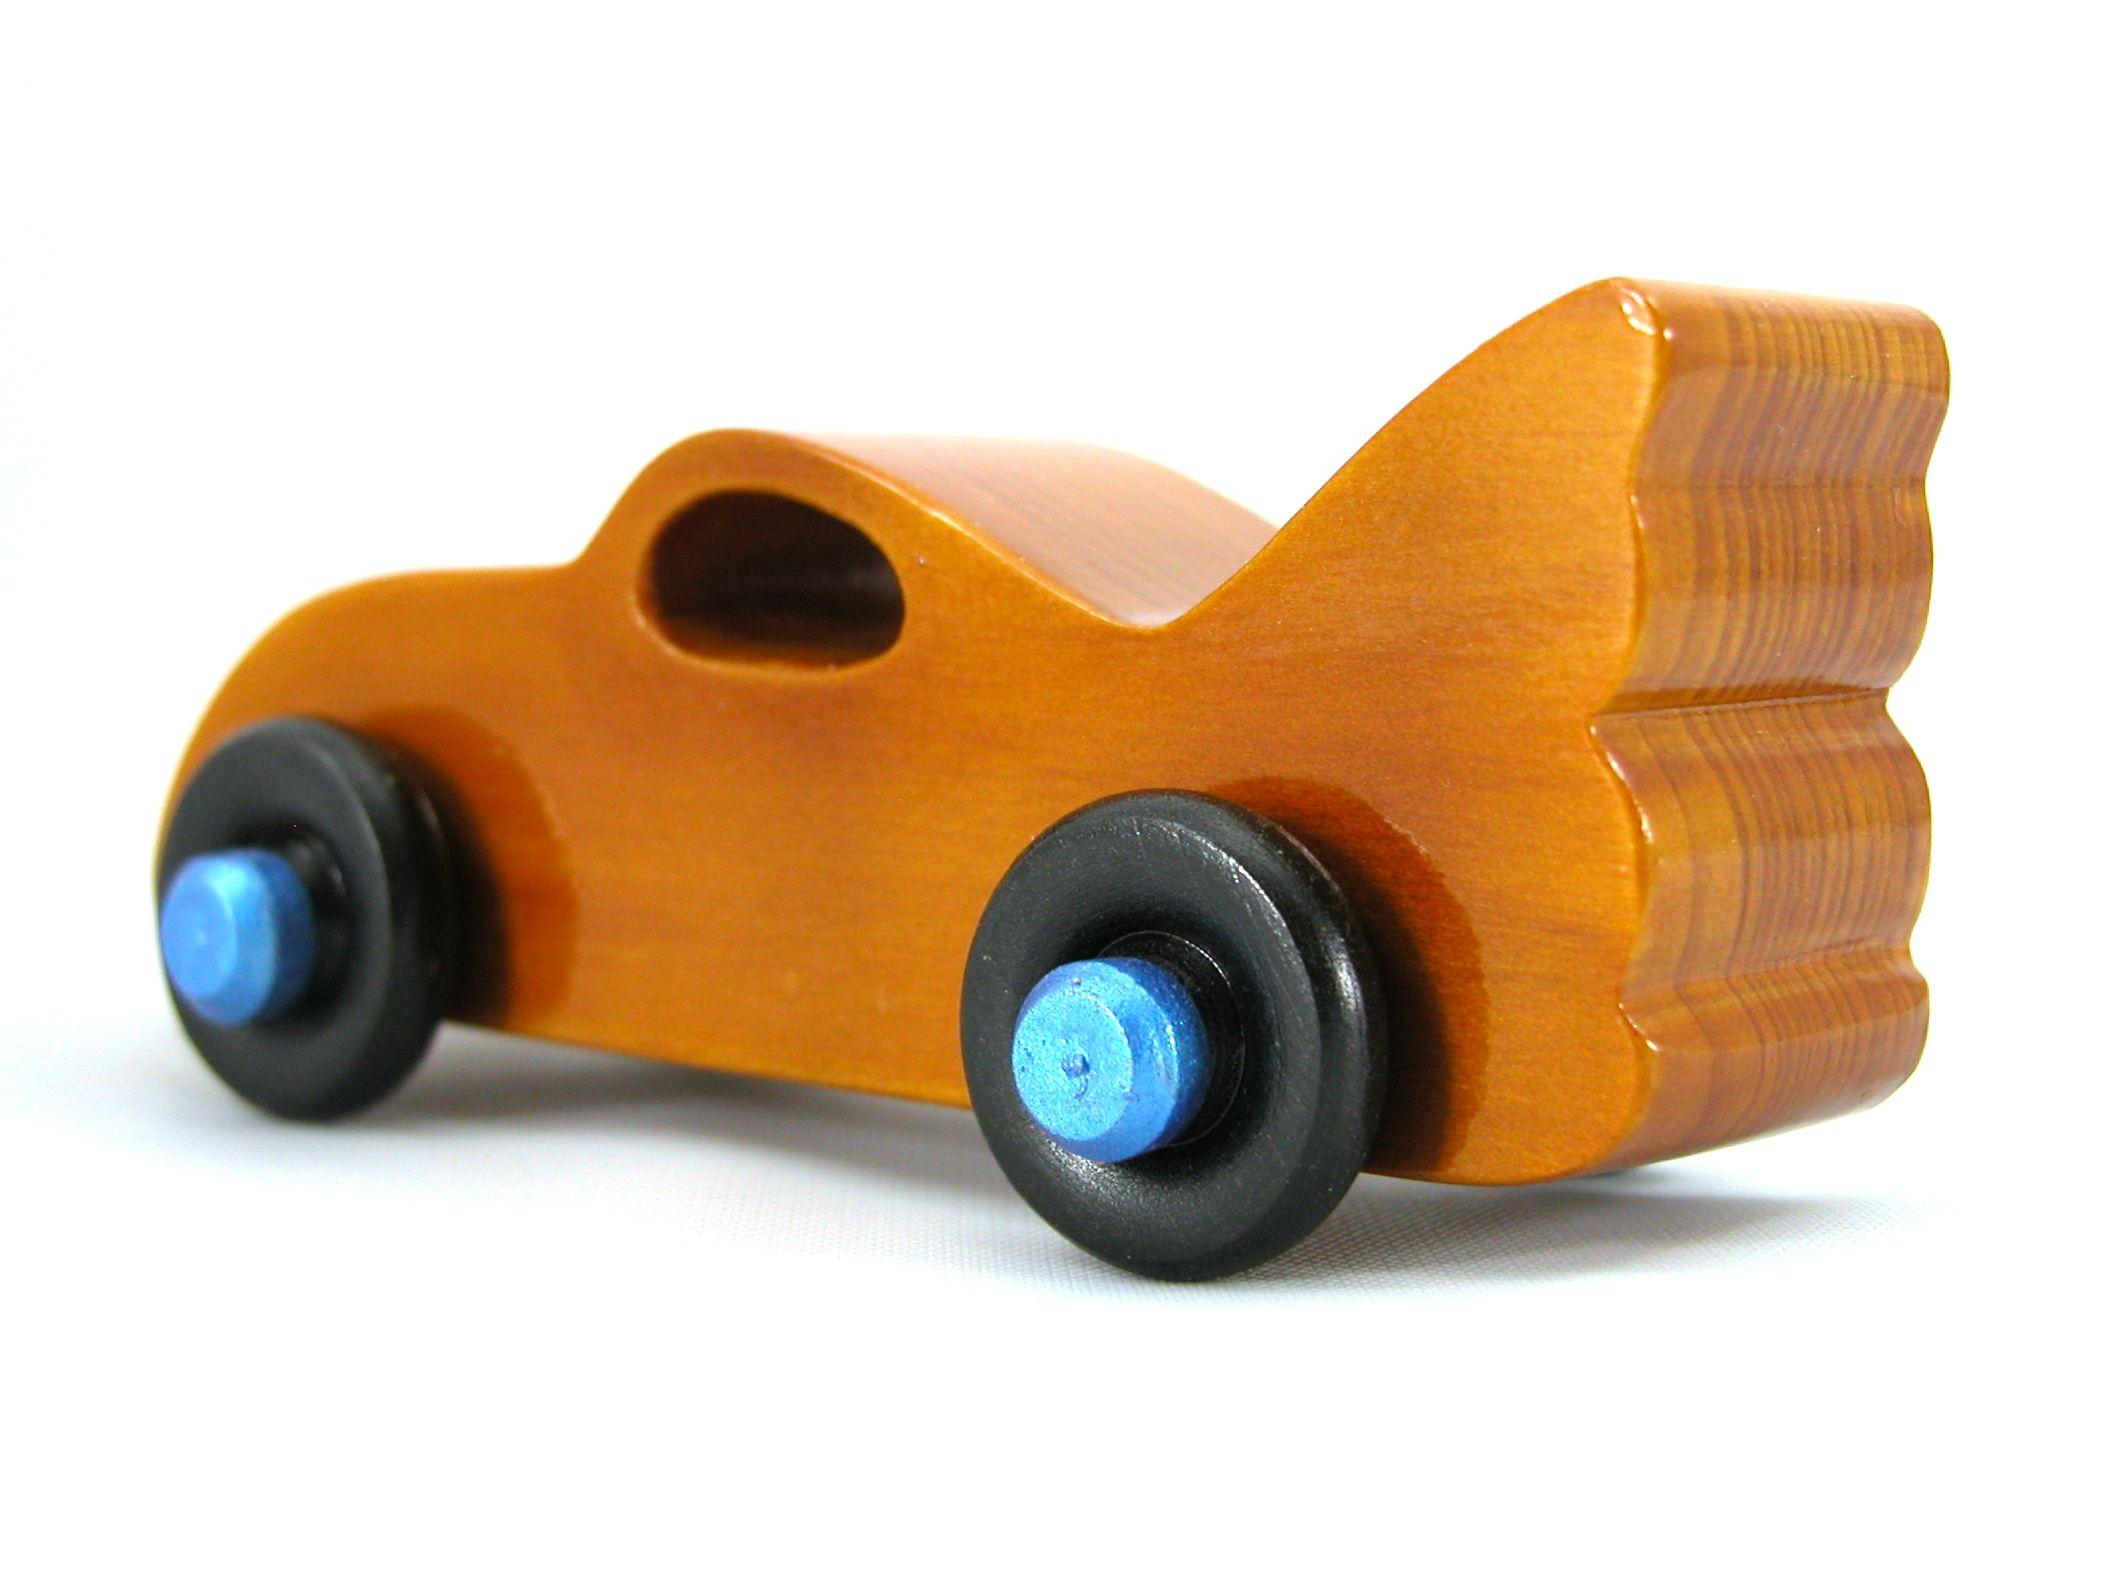 Baby girl car toys  Handmade Wooden Toy Car Bat Car from the Play Pal Series  Dřevěné